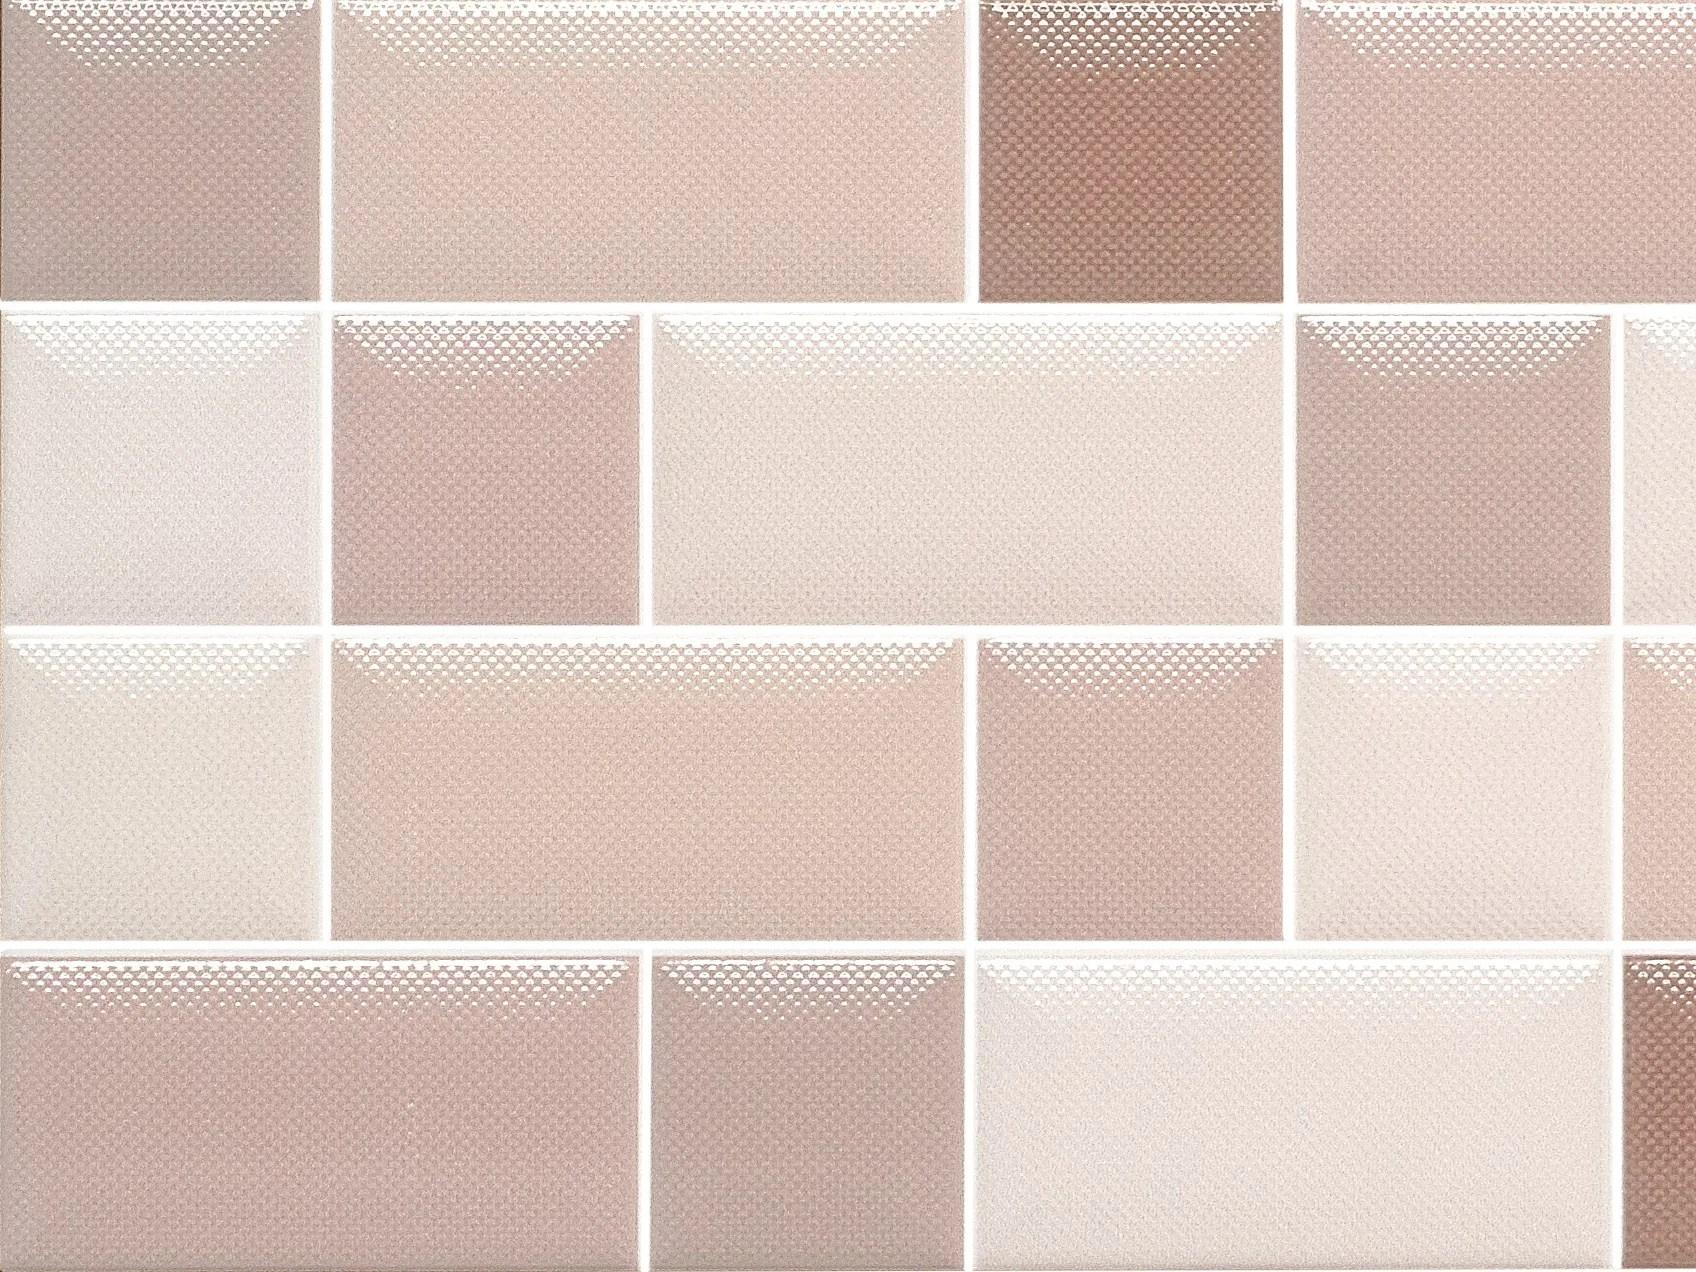 Rivestimento in ceramica a pasta bianca effetto tessuto DIARIO by CERAMICA SANTAGOSTINO